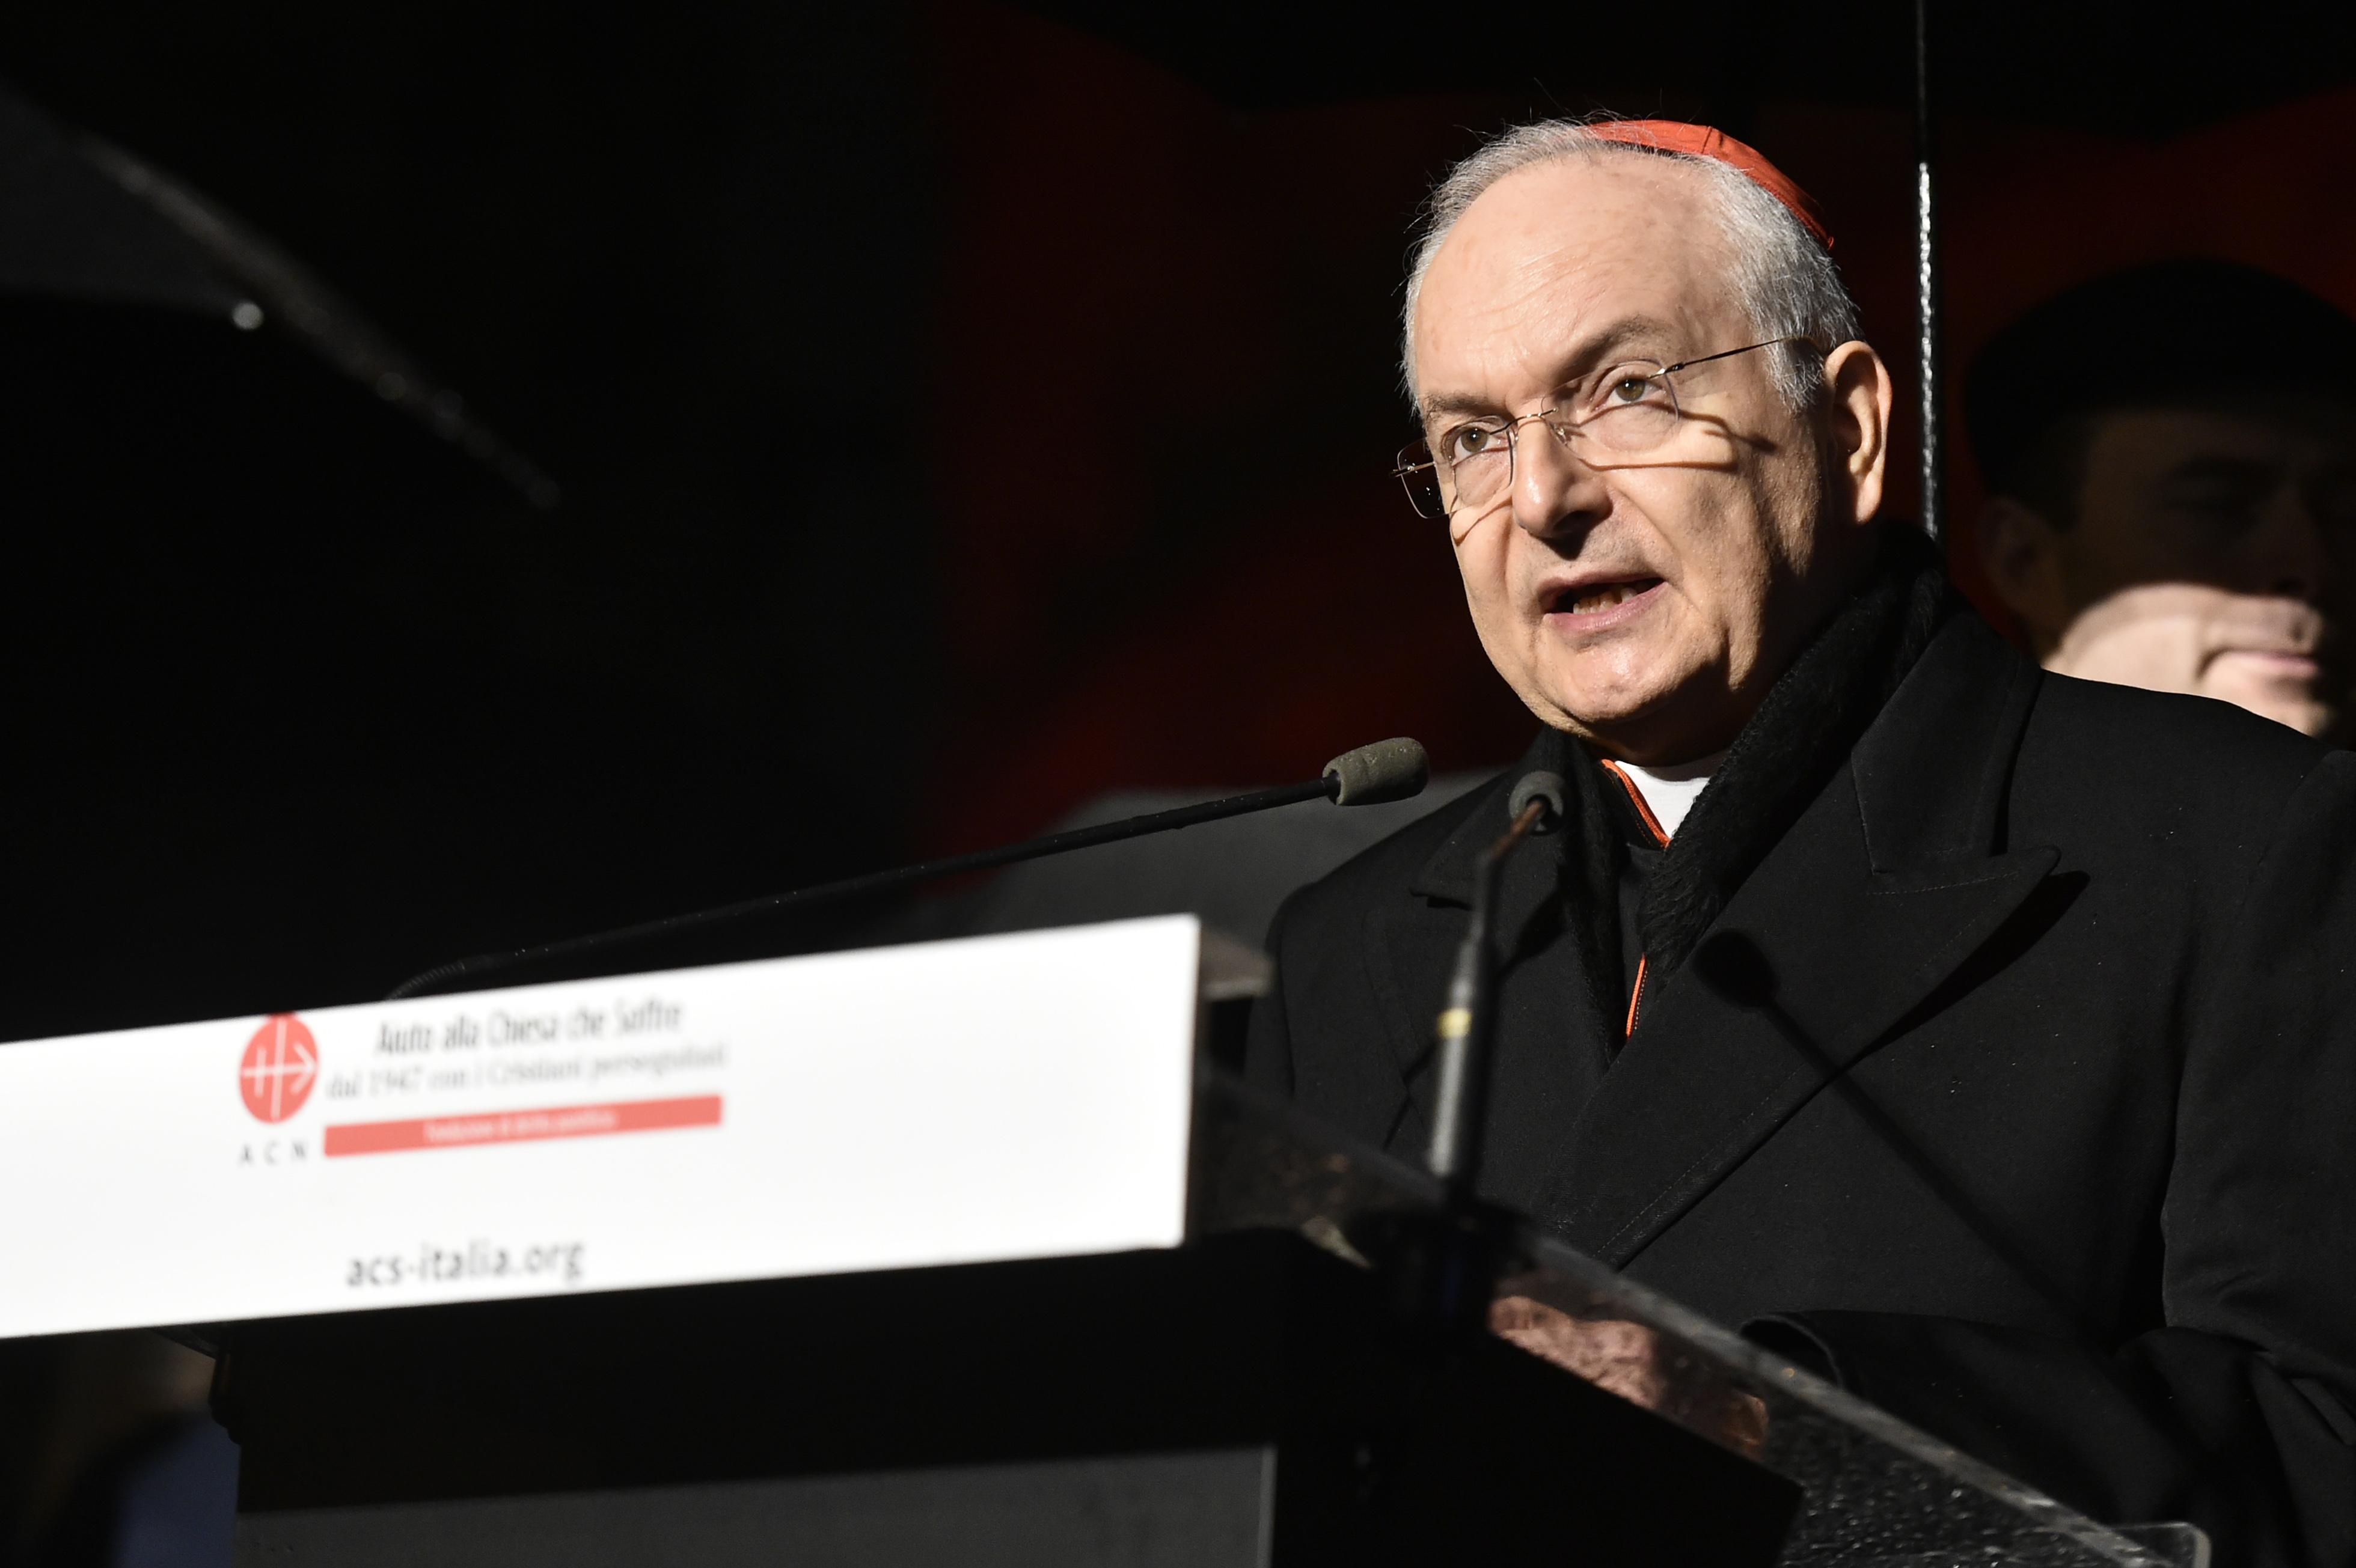 La libertad religiosa no puede ser pisoteada por ningún gobierno y ninguna política: Cardenal Piacenza